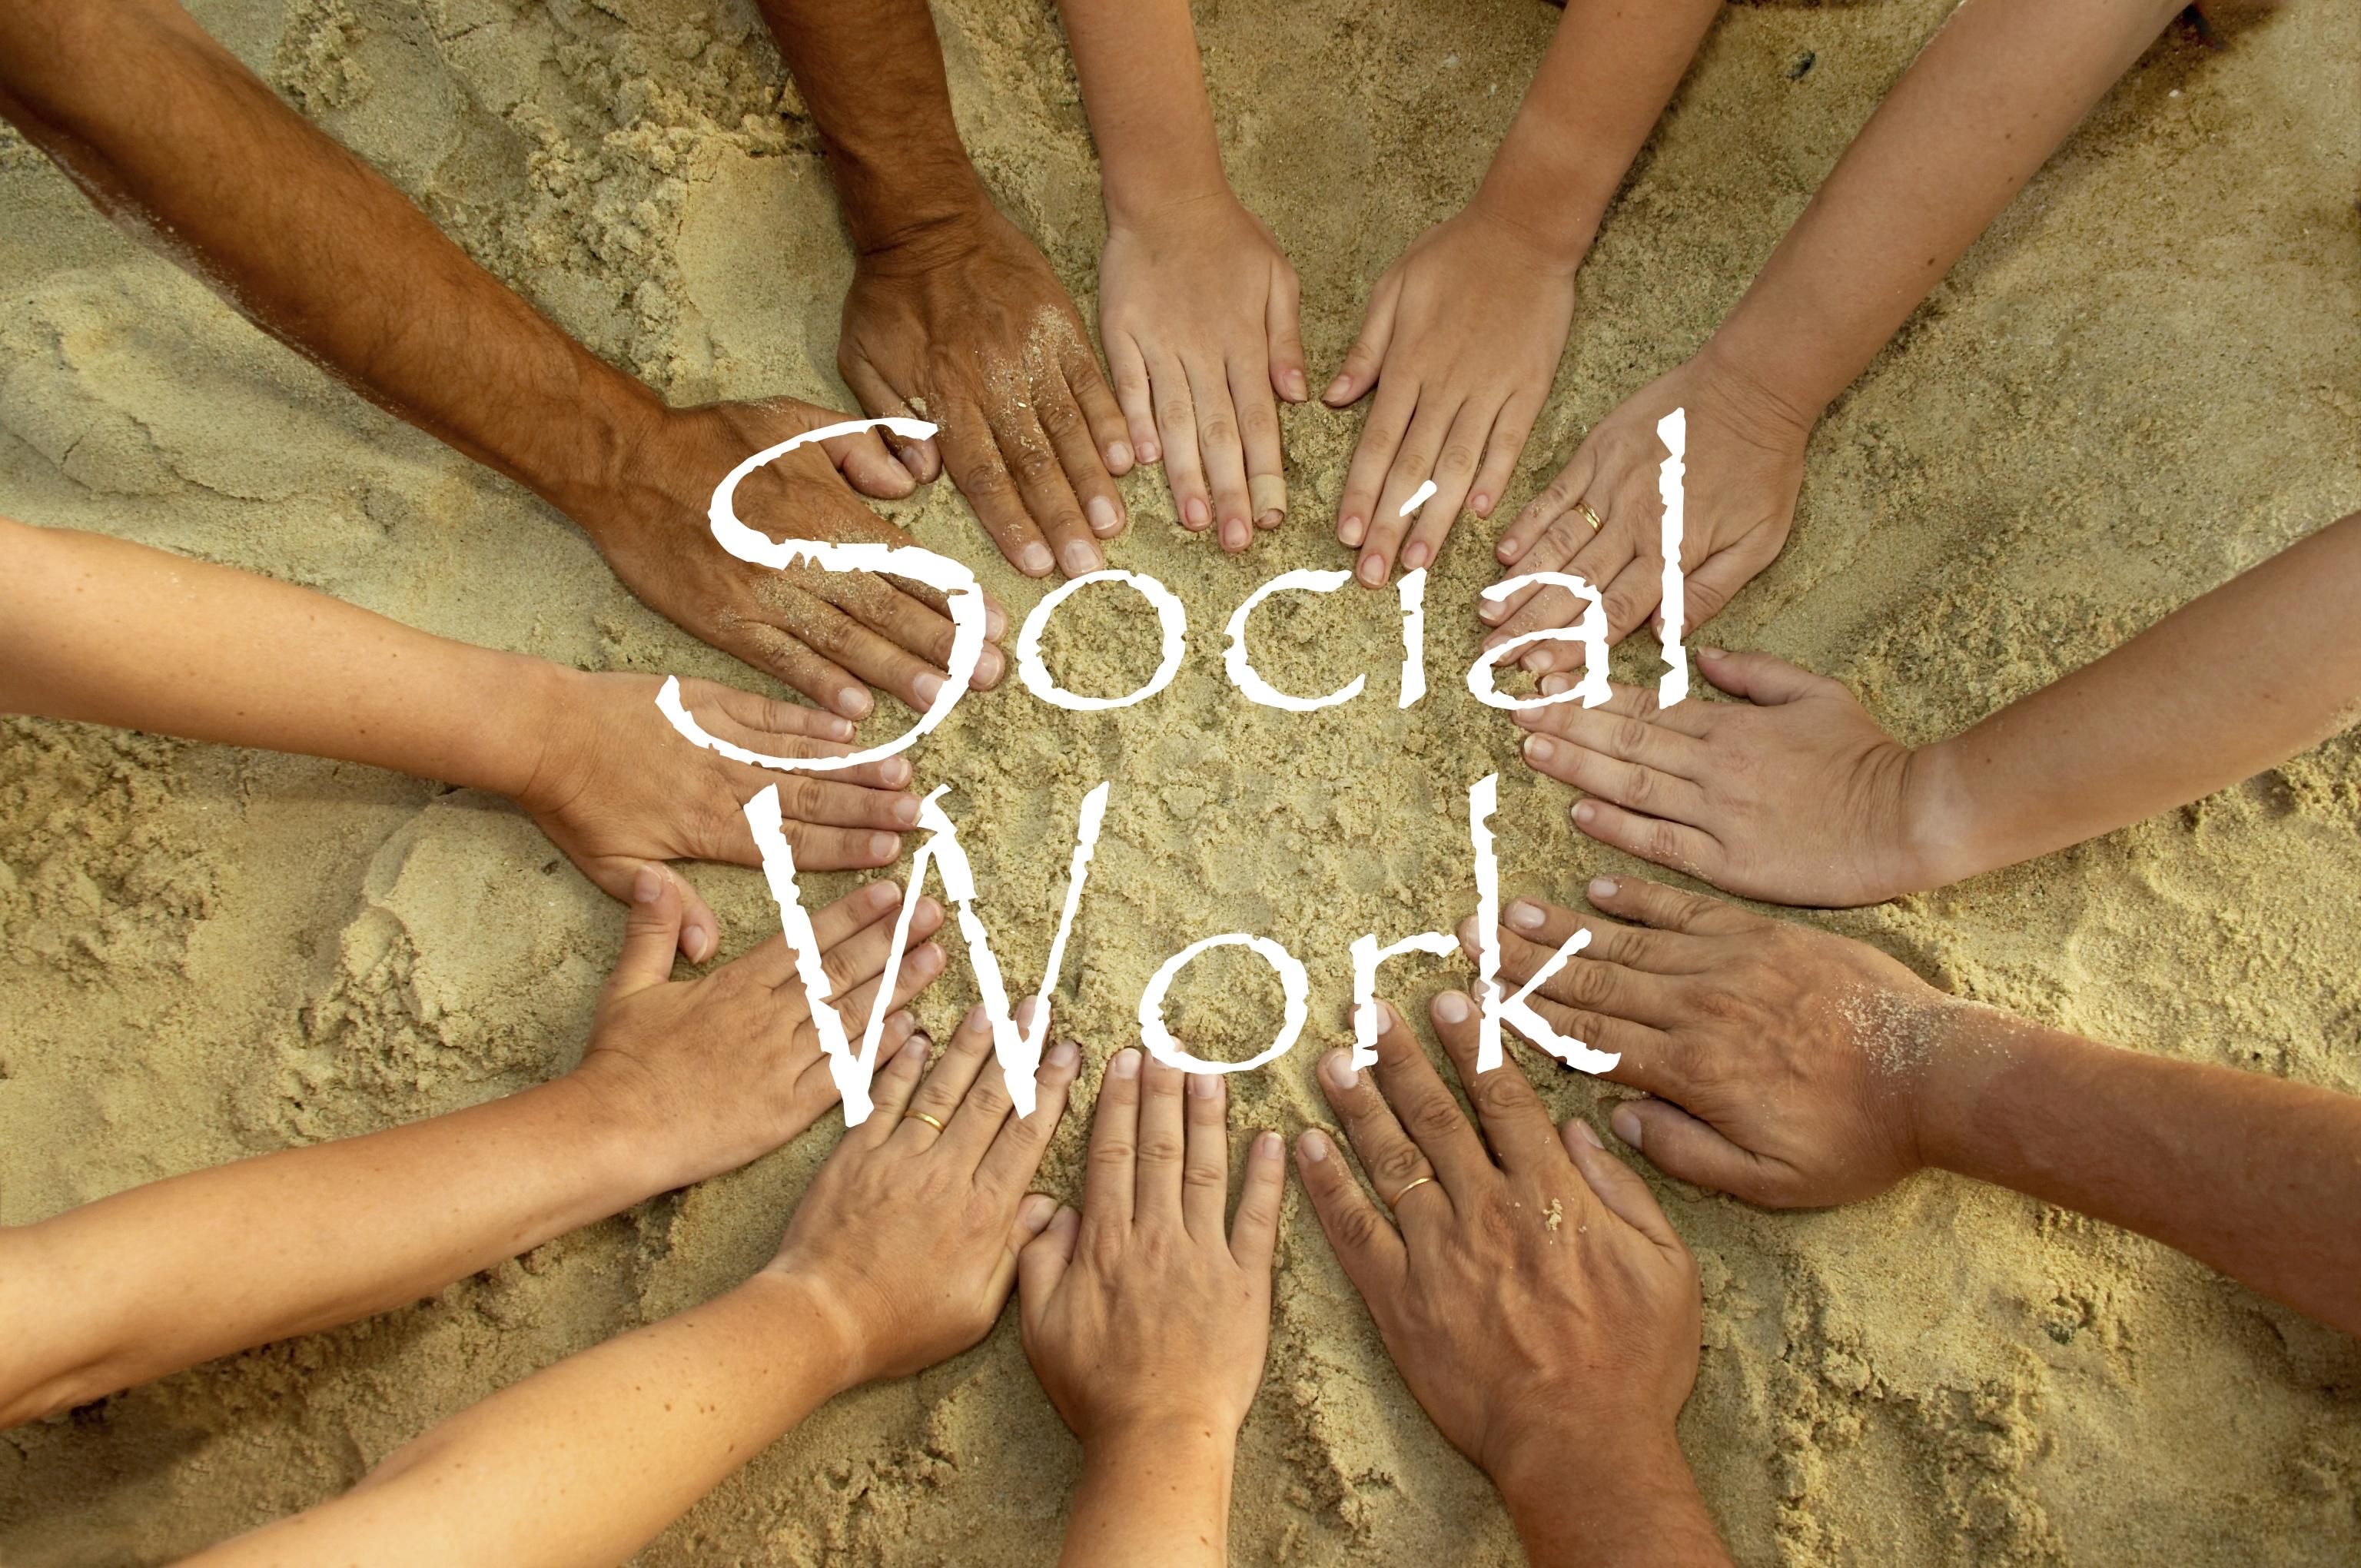 Công tác xã hội - Nghề của lòng nhân ái và sự sẻ chia